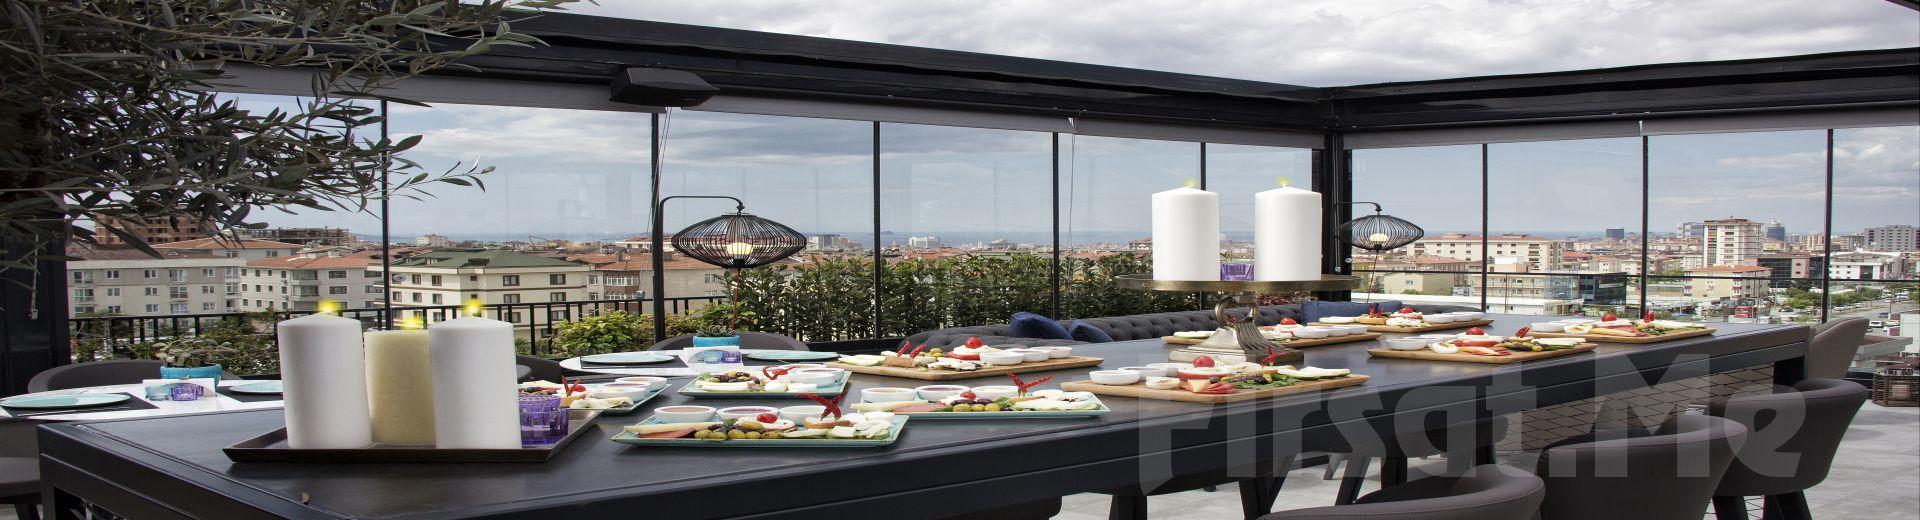 Adalar ve Panaromik İstanbul Manzaralı Cityloft Hotel Ataşehir Benjamin Terrace'da Her Pazar Açık Büfe Brunch Keyfi!